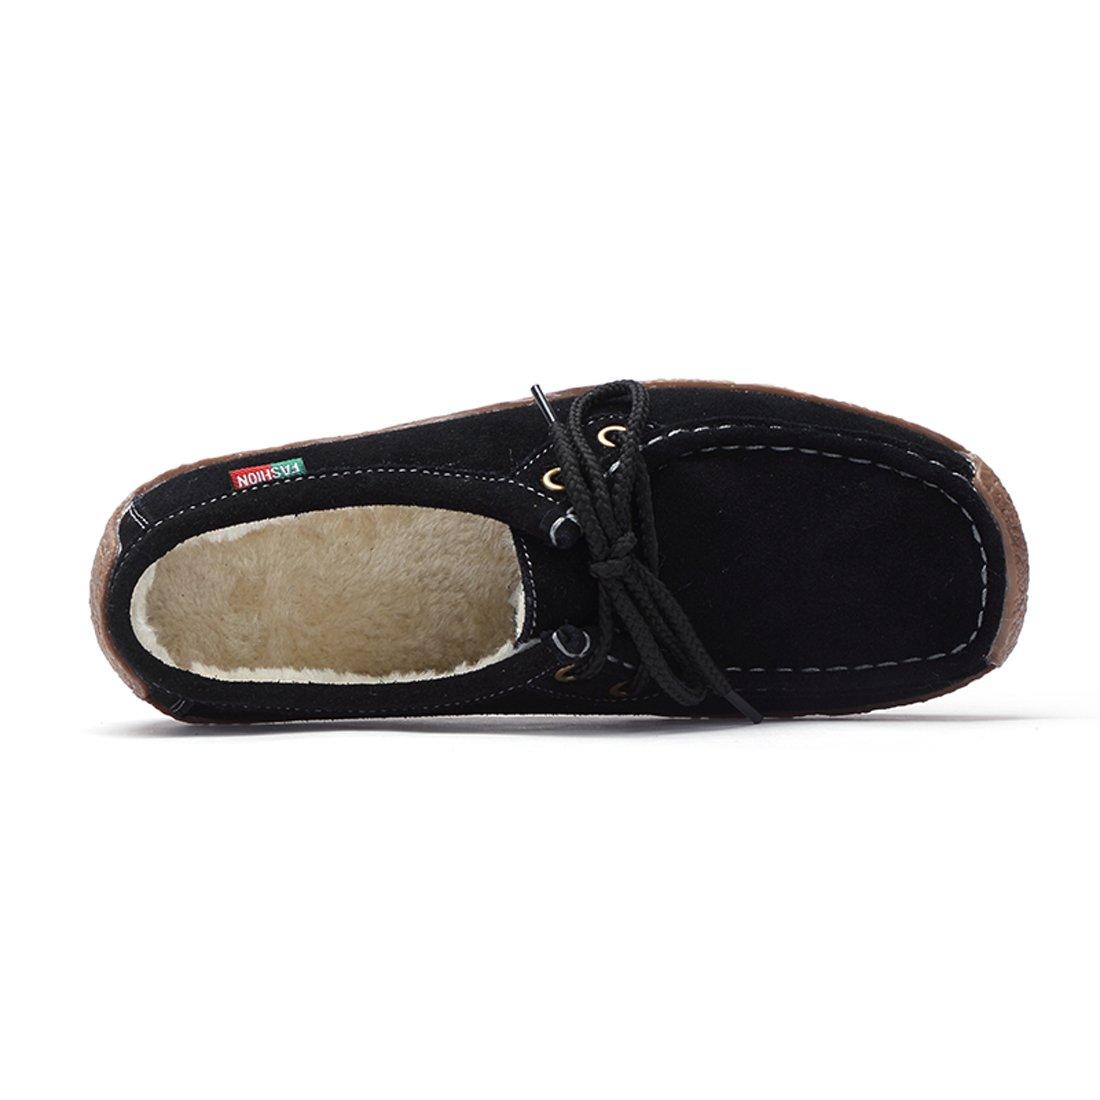 ... Z.SUO Mocassini Donna in in in Pelle Scamosciata Moda comode Loafers Scarpe  da Guida ... 137157eaef0